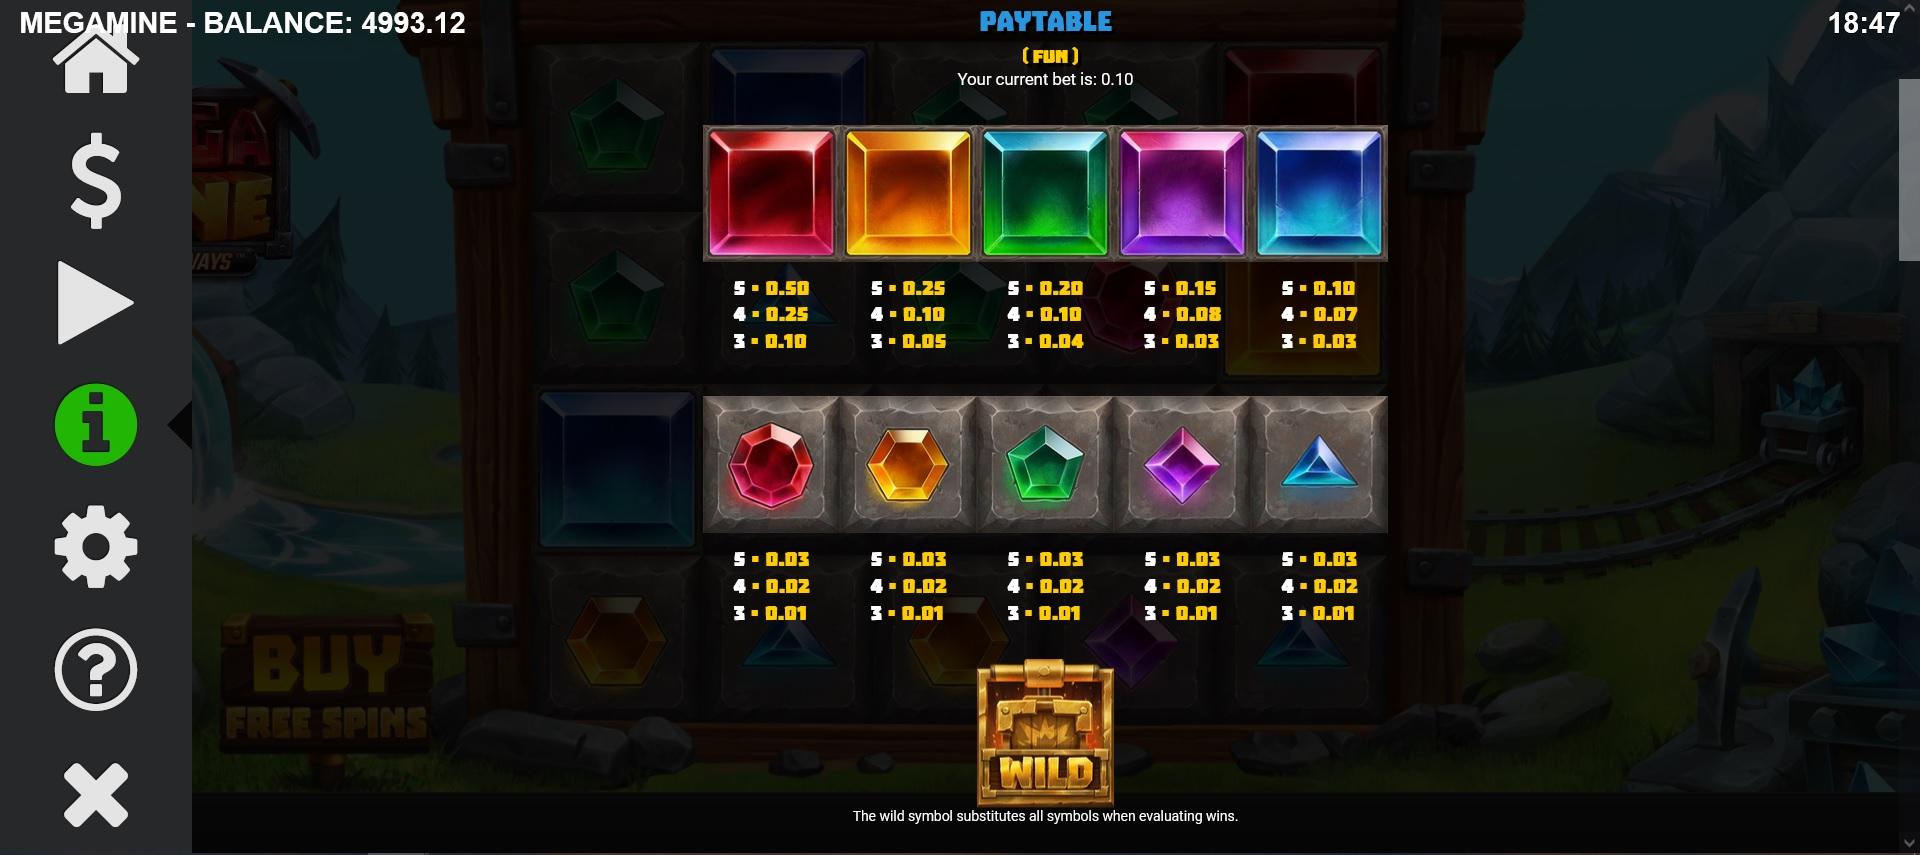 Mega Mine Nudging Ways Paytable